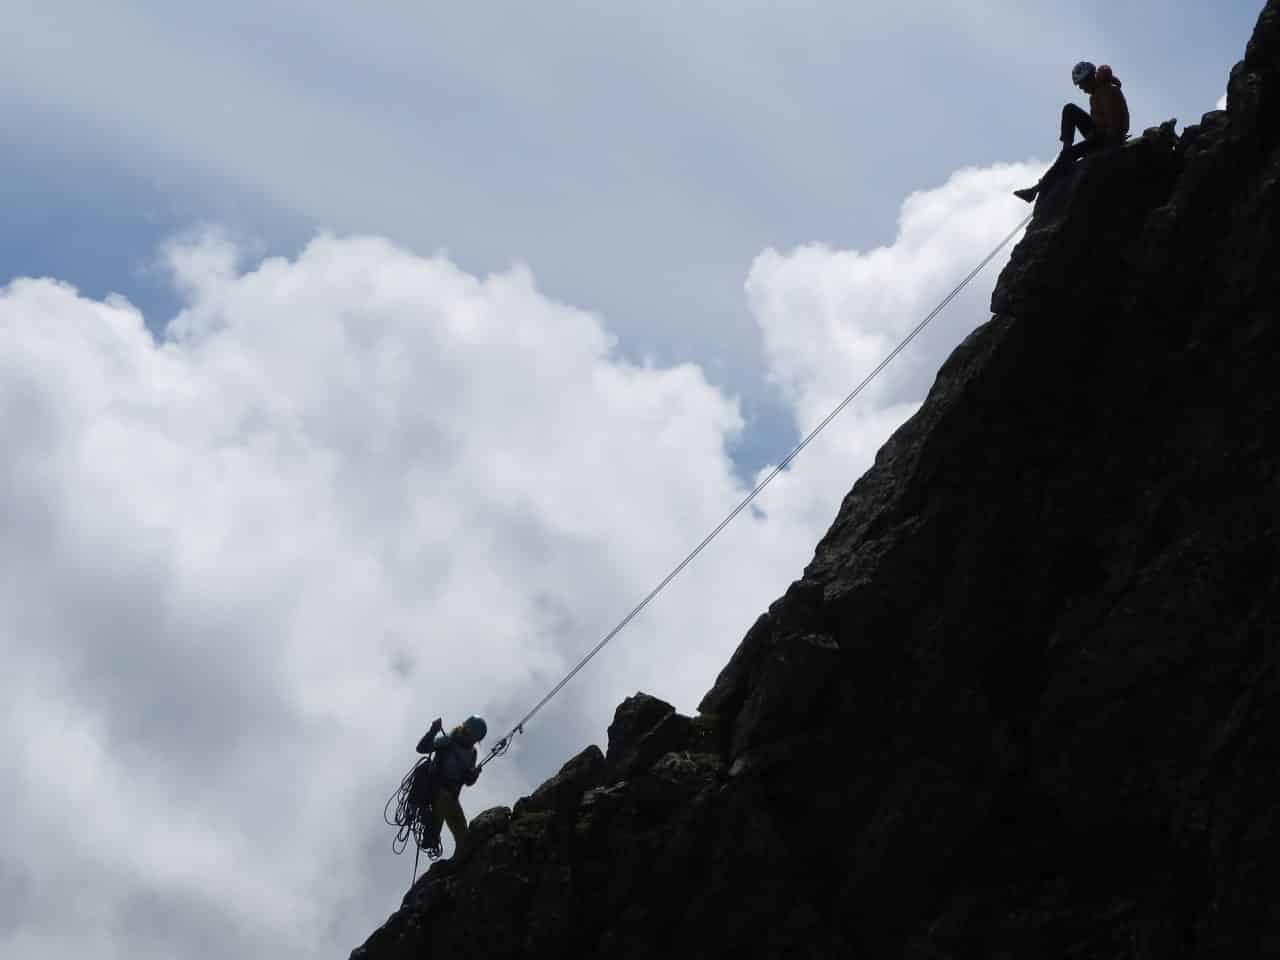 squatteur de lune, grimpeur de profile. Ombre chinoise.